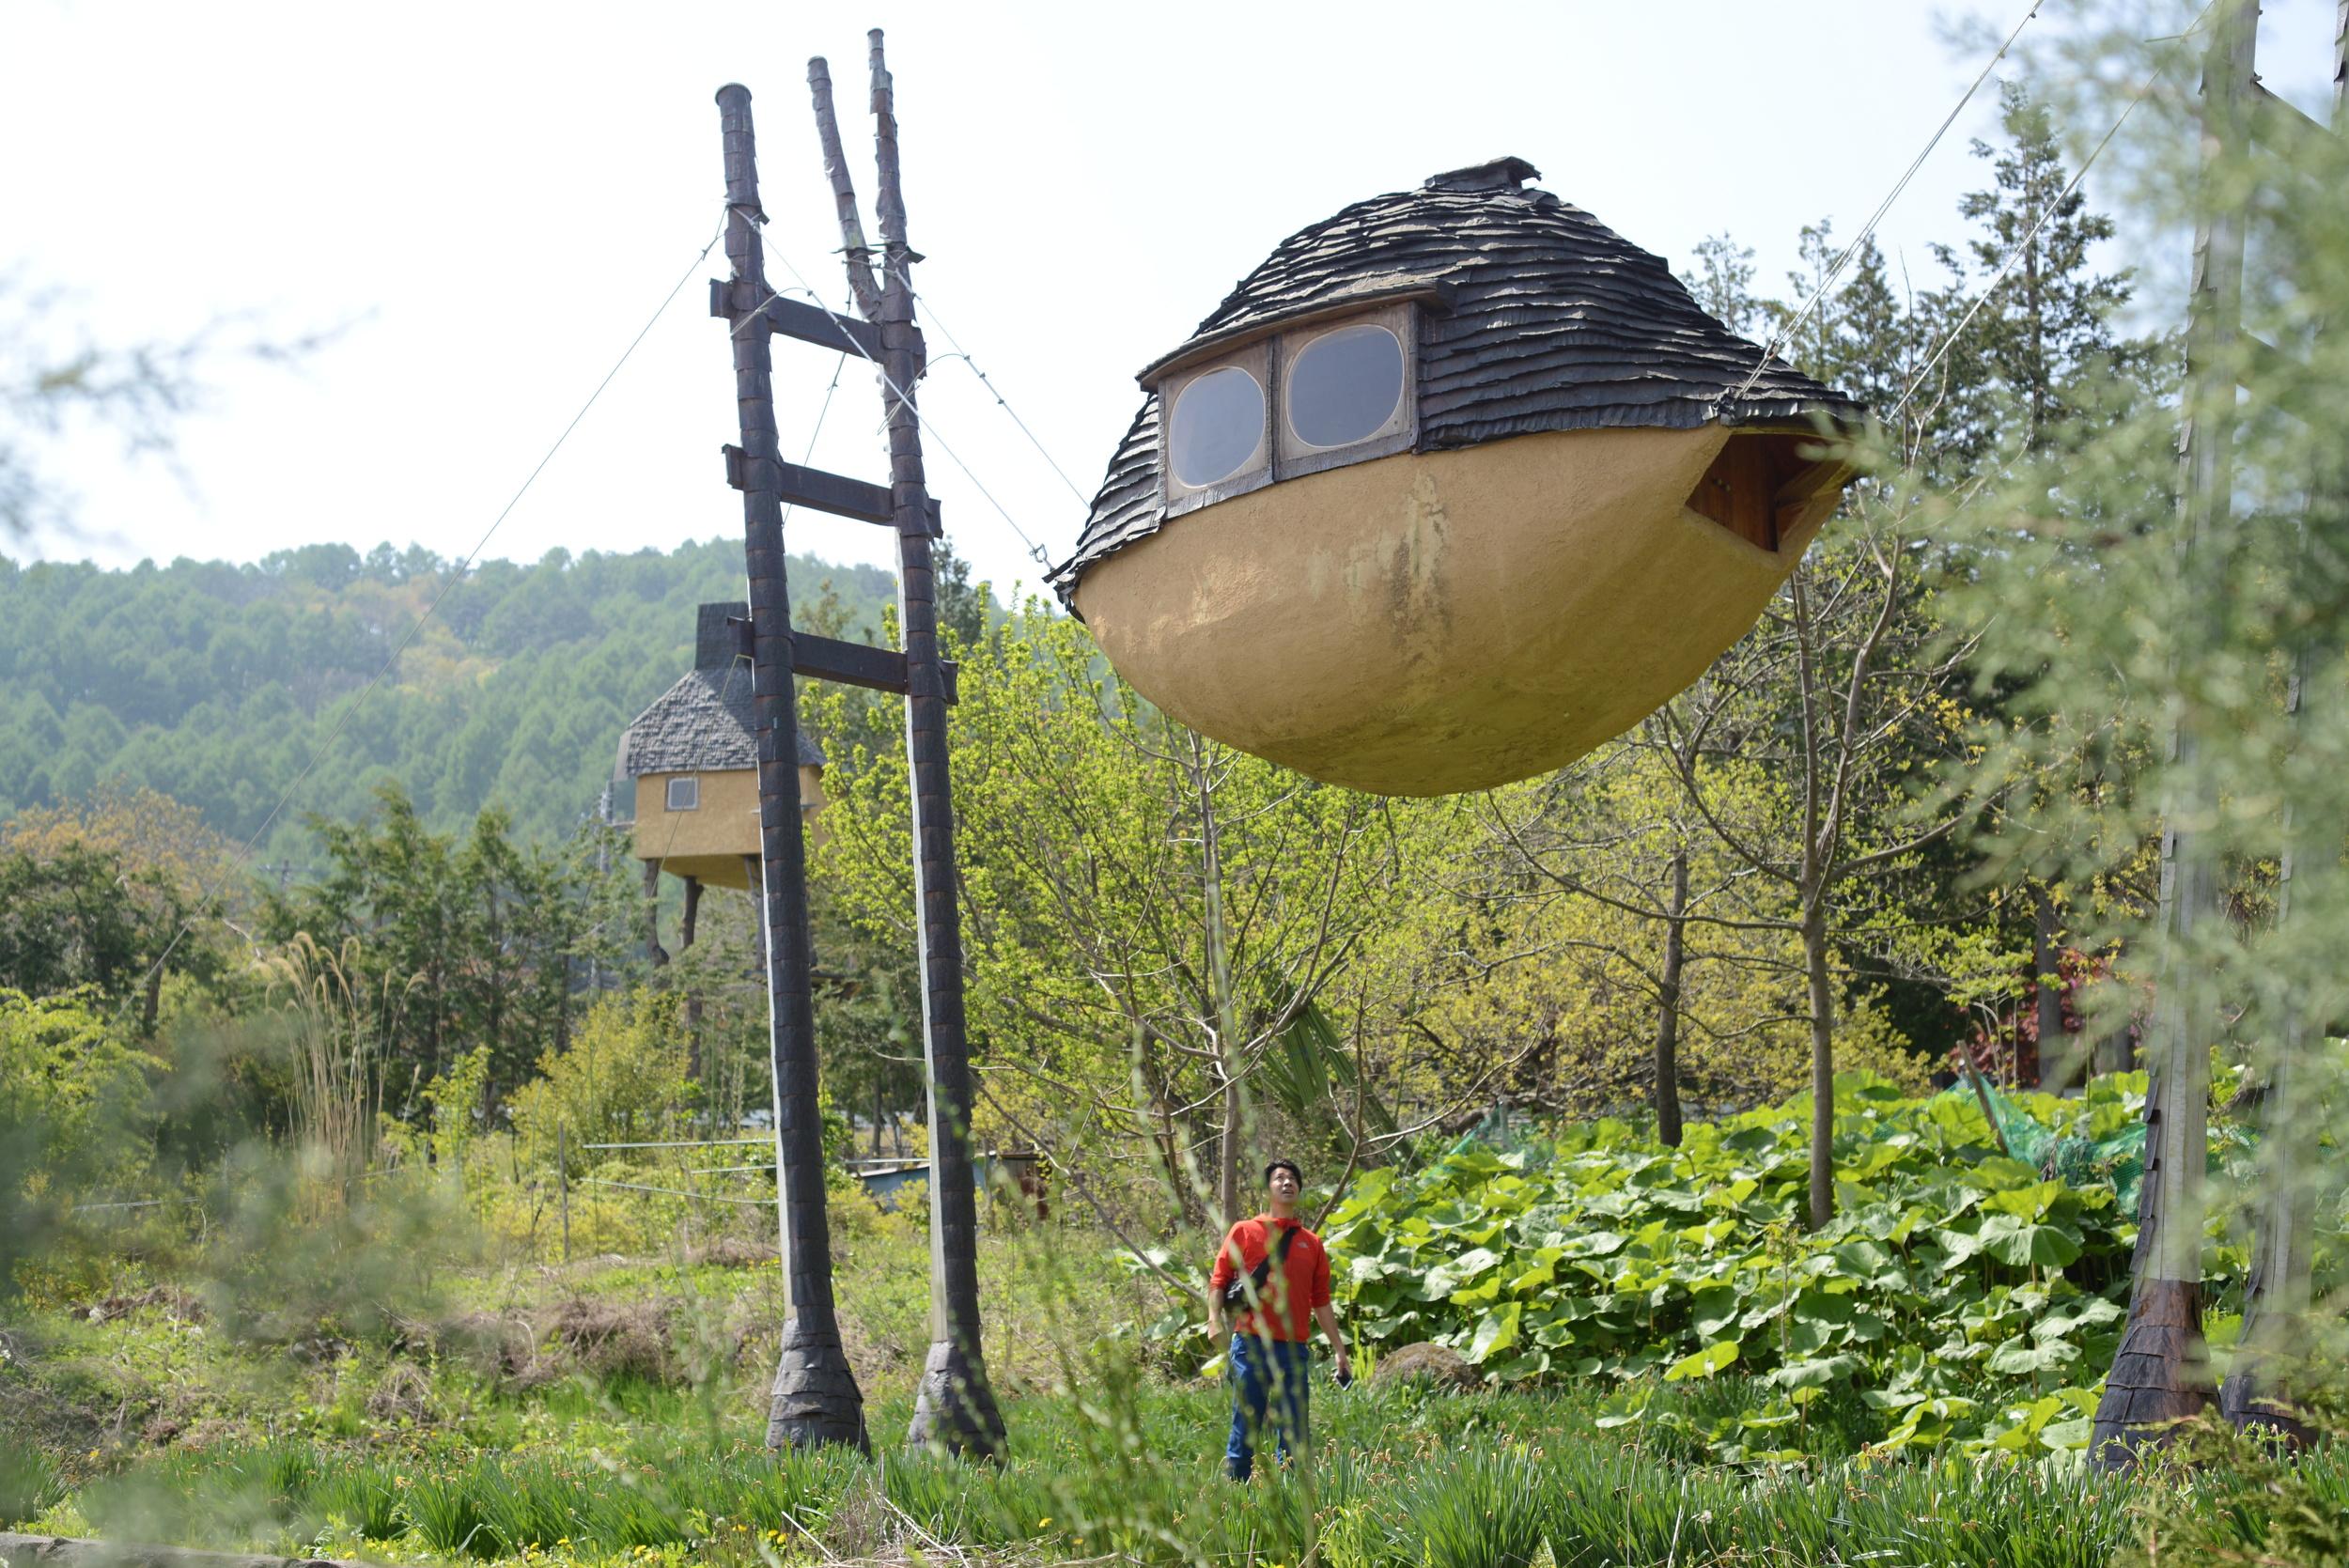 守屋山のふもとにある謎の泥船。最高。この中に入りたい、入りたい。